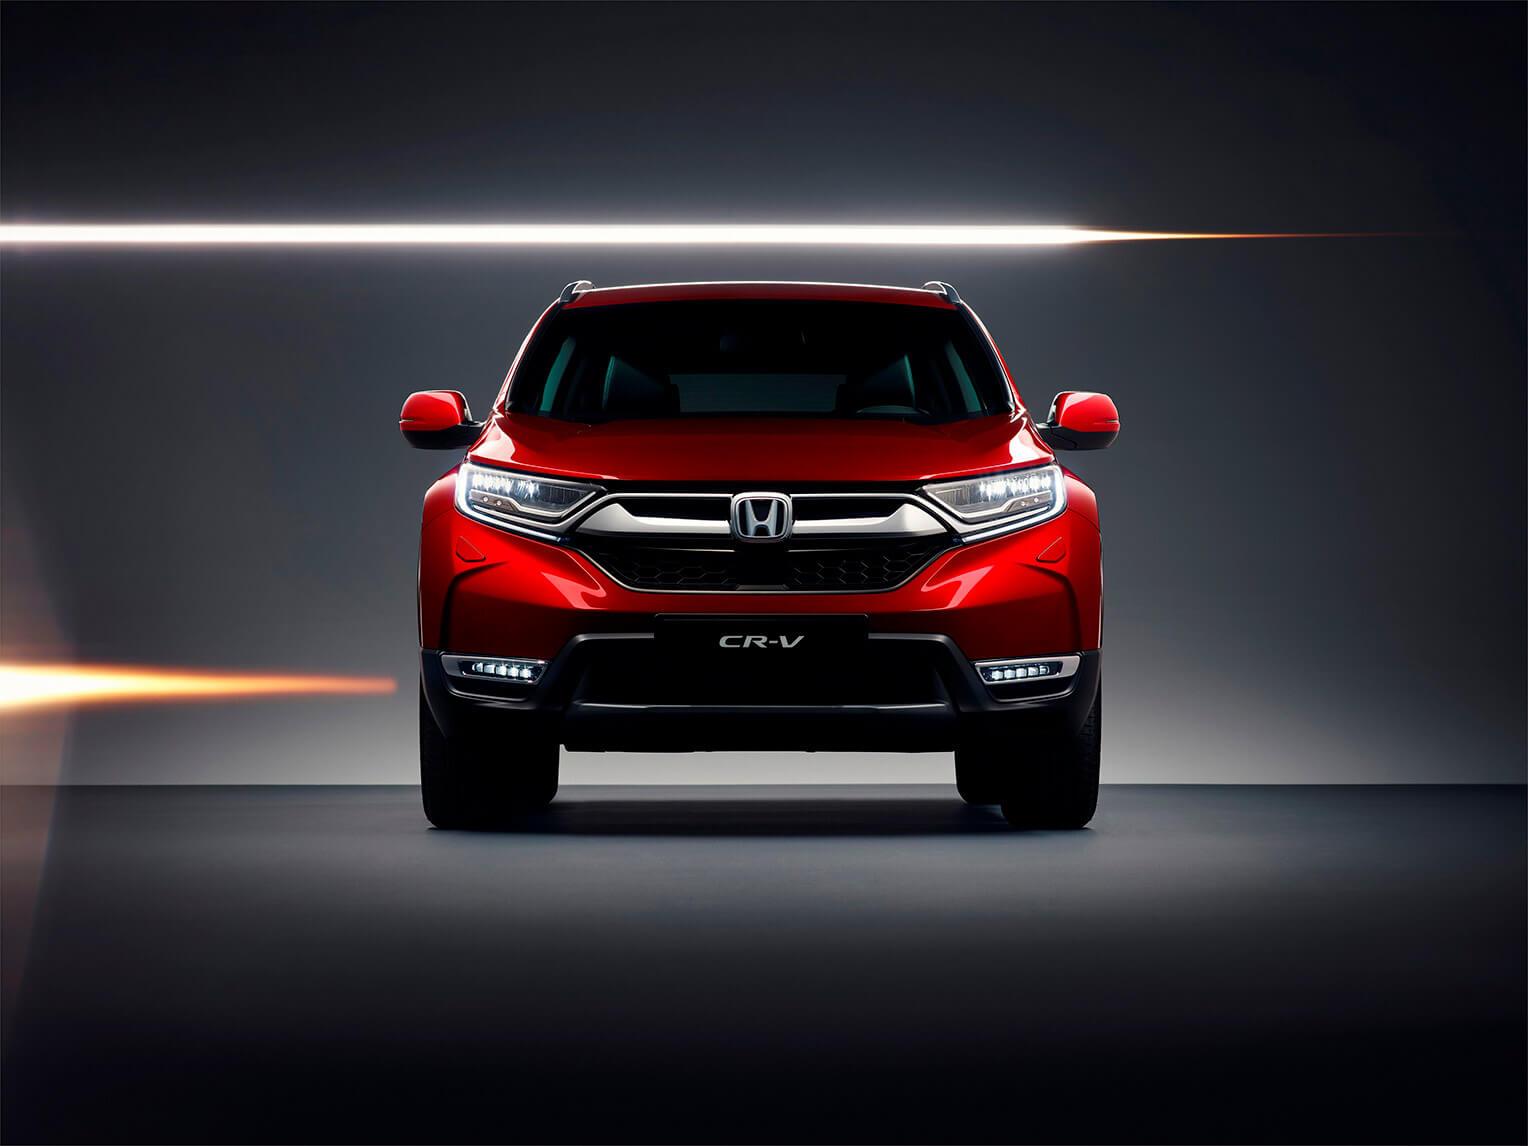 Honda CR-V 2018 frontal